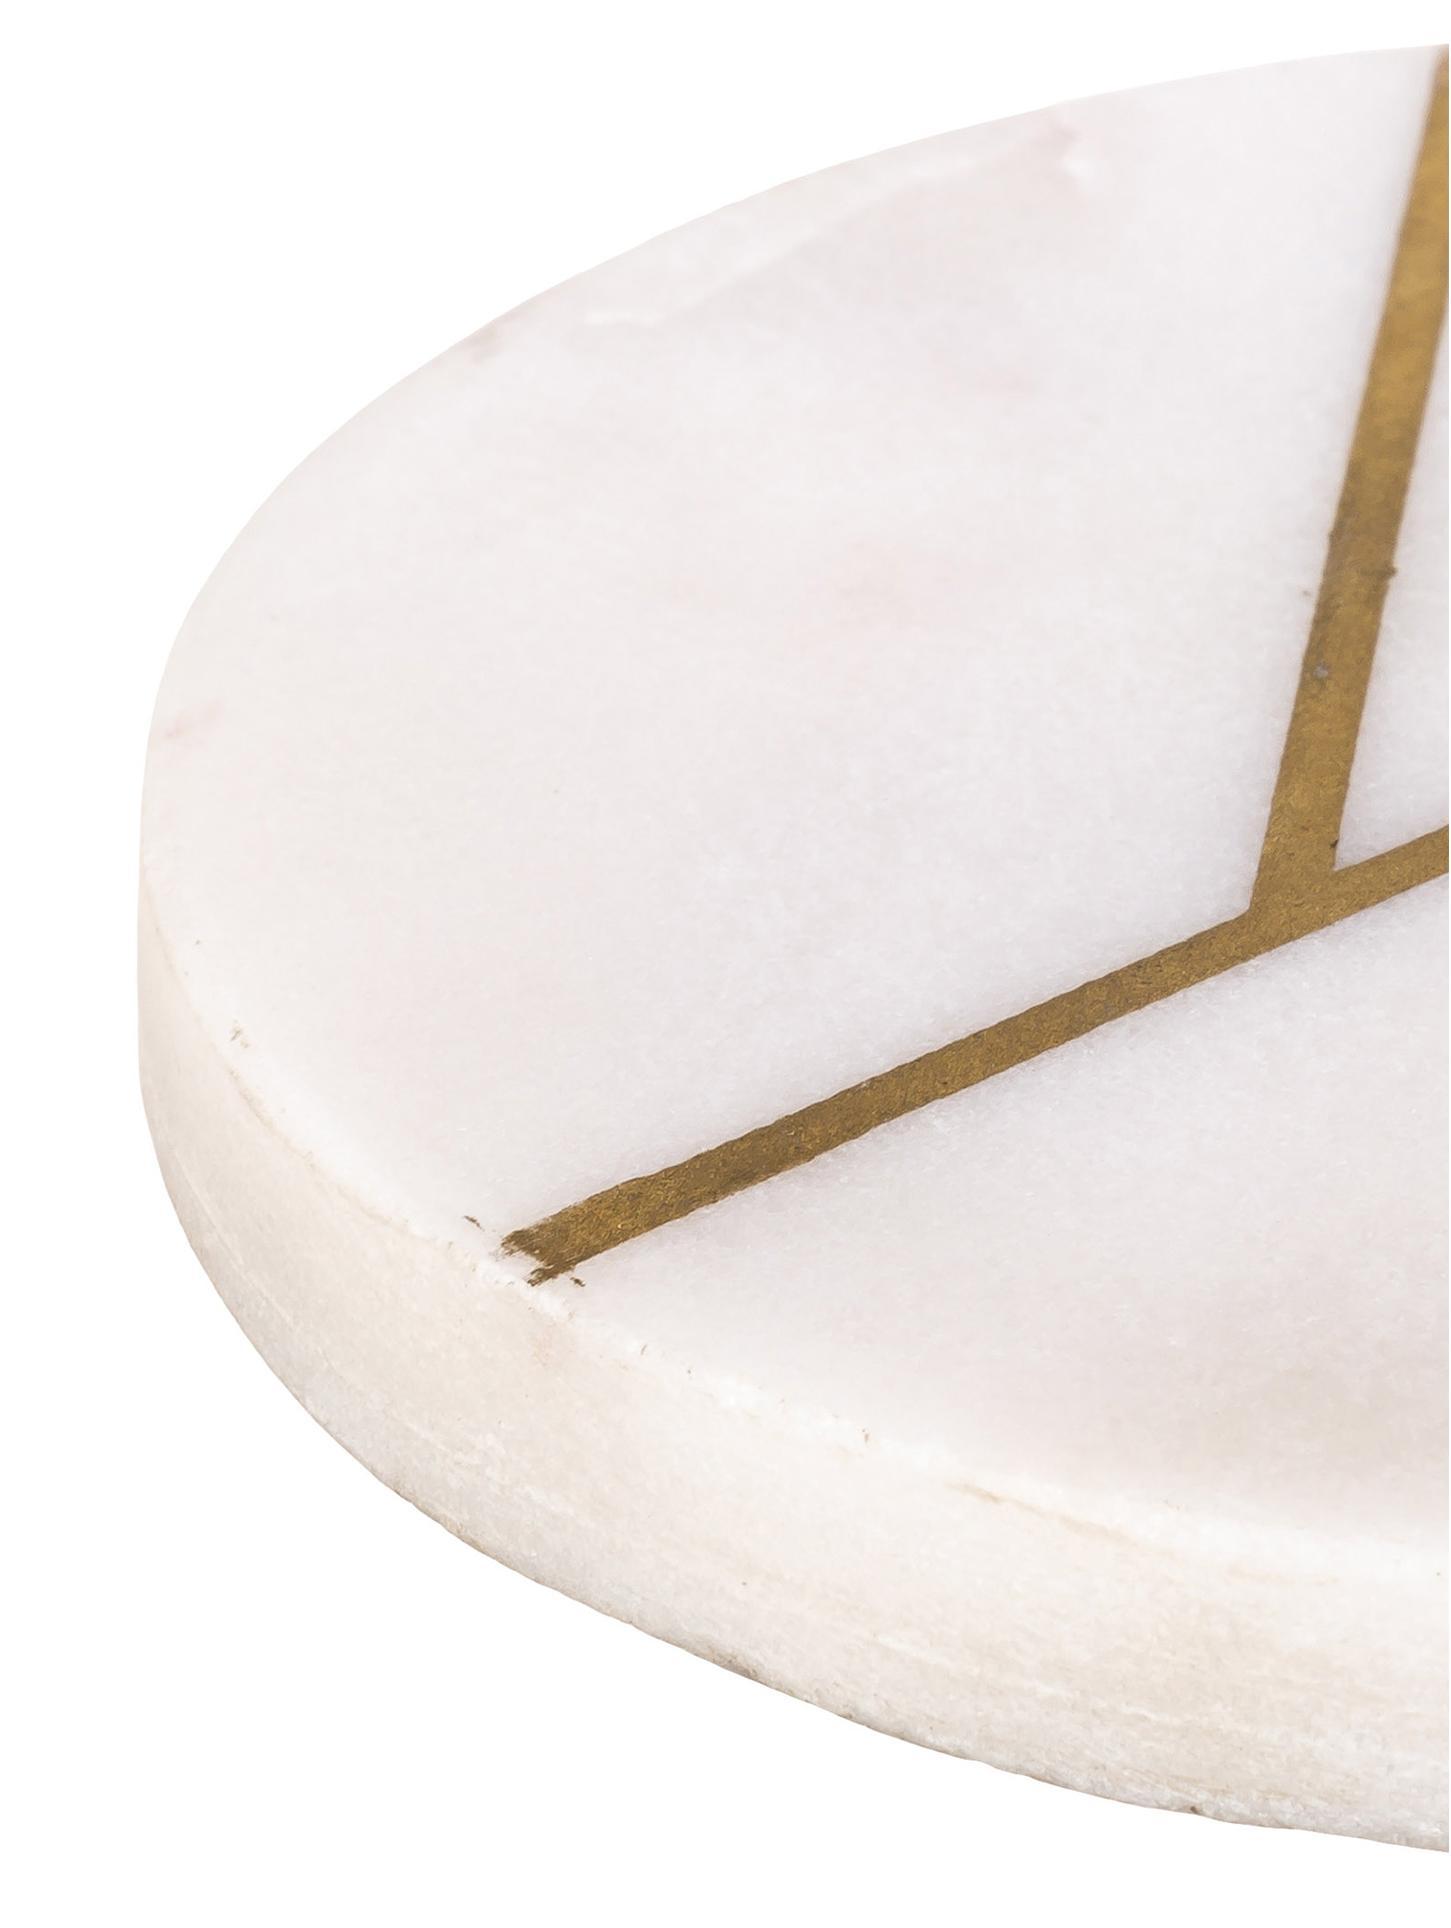 Sottobicchieri in marmo Marek 4 pz, Marmo, Bianco marmorizzato, dorato, Ø 10 x A 1 cm